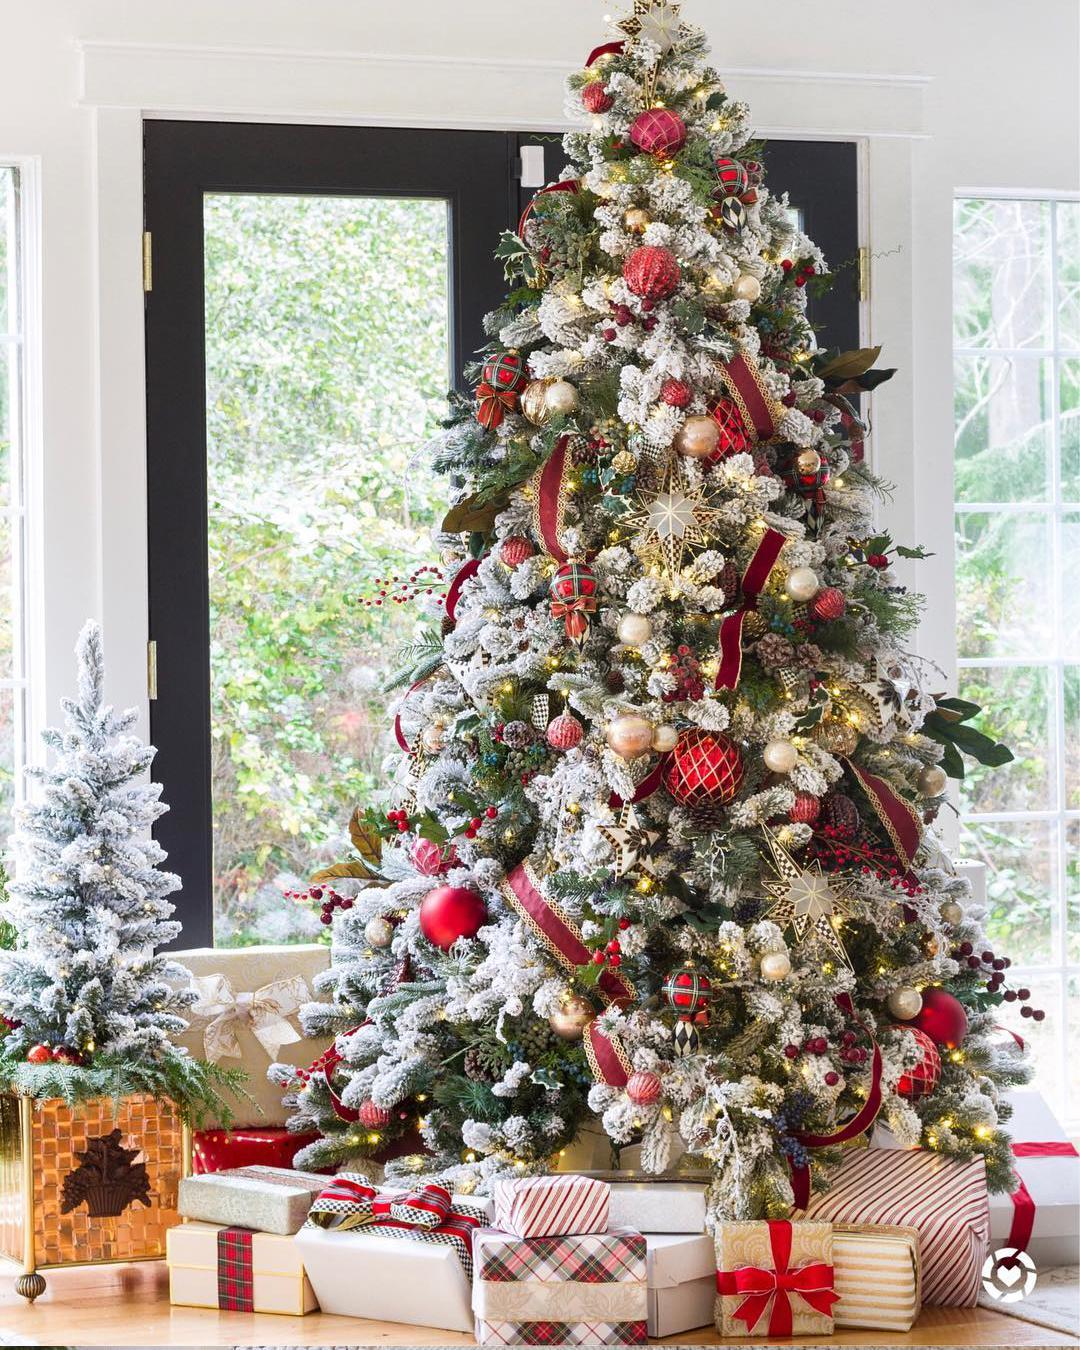 Beautiful Christmas Tree Image courtesy of: @zevyjoy